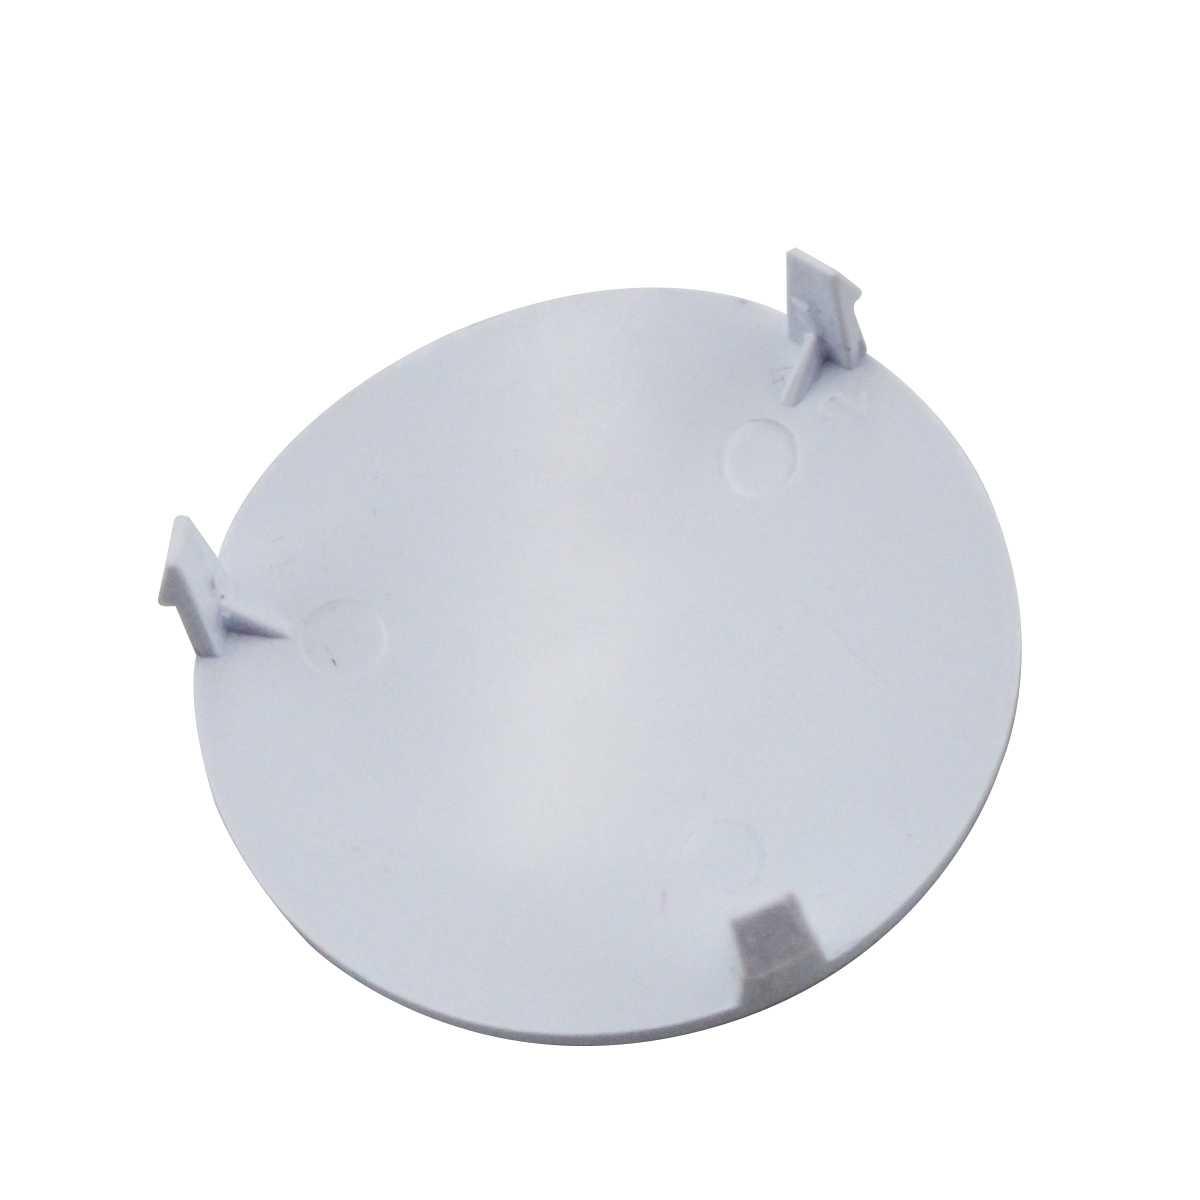 Acabamento do Botão Tanquinho Colormaq  LCT4.5, LCS8, LC10, LC16